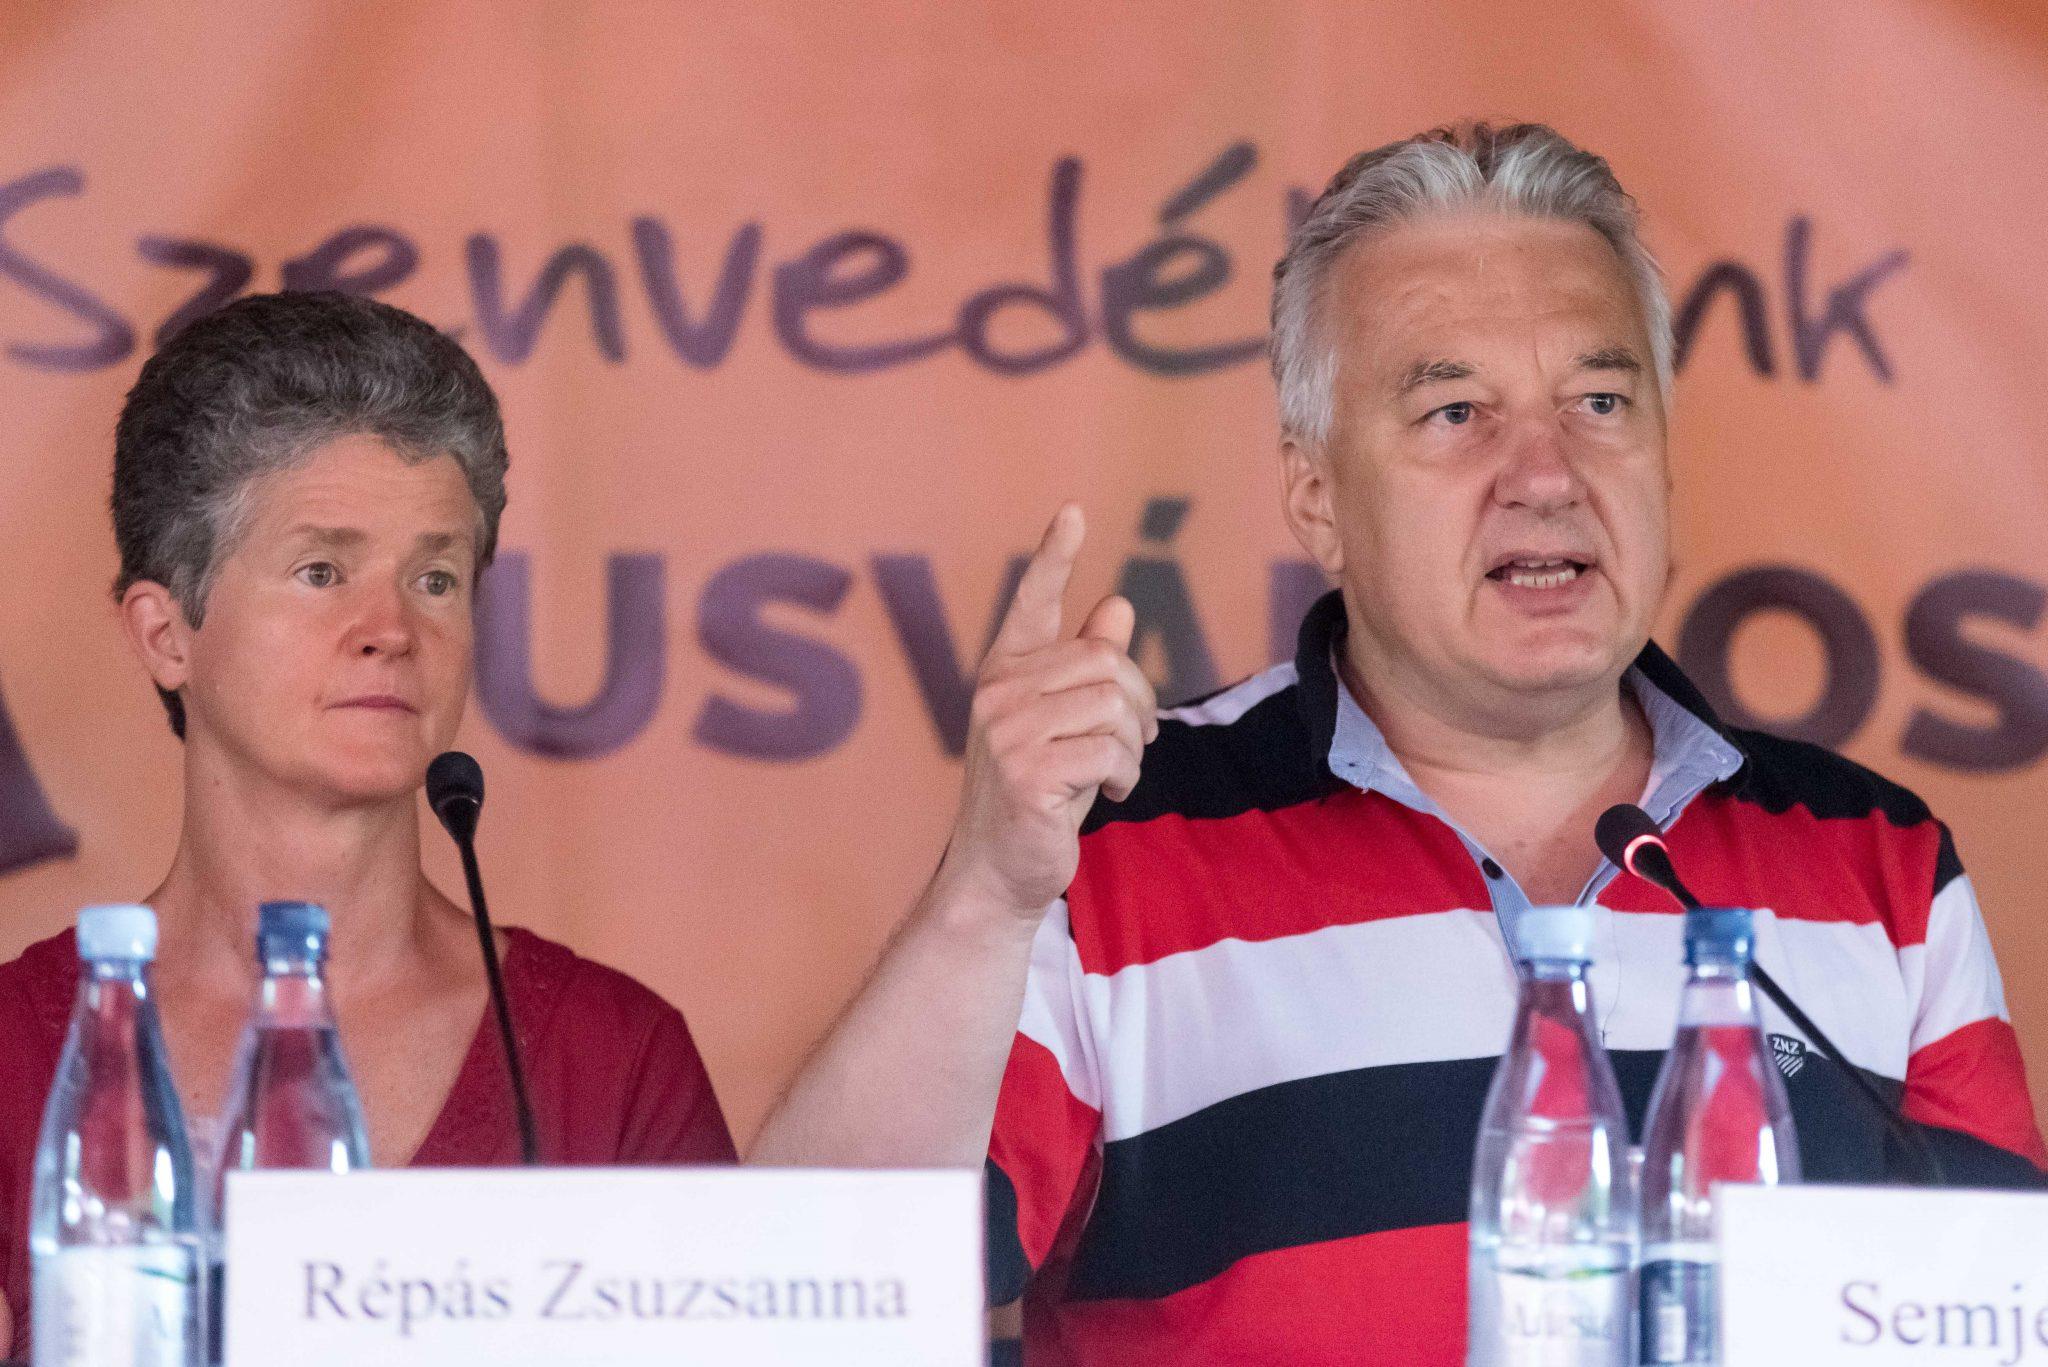 Deputy PM Zsolt Semjén